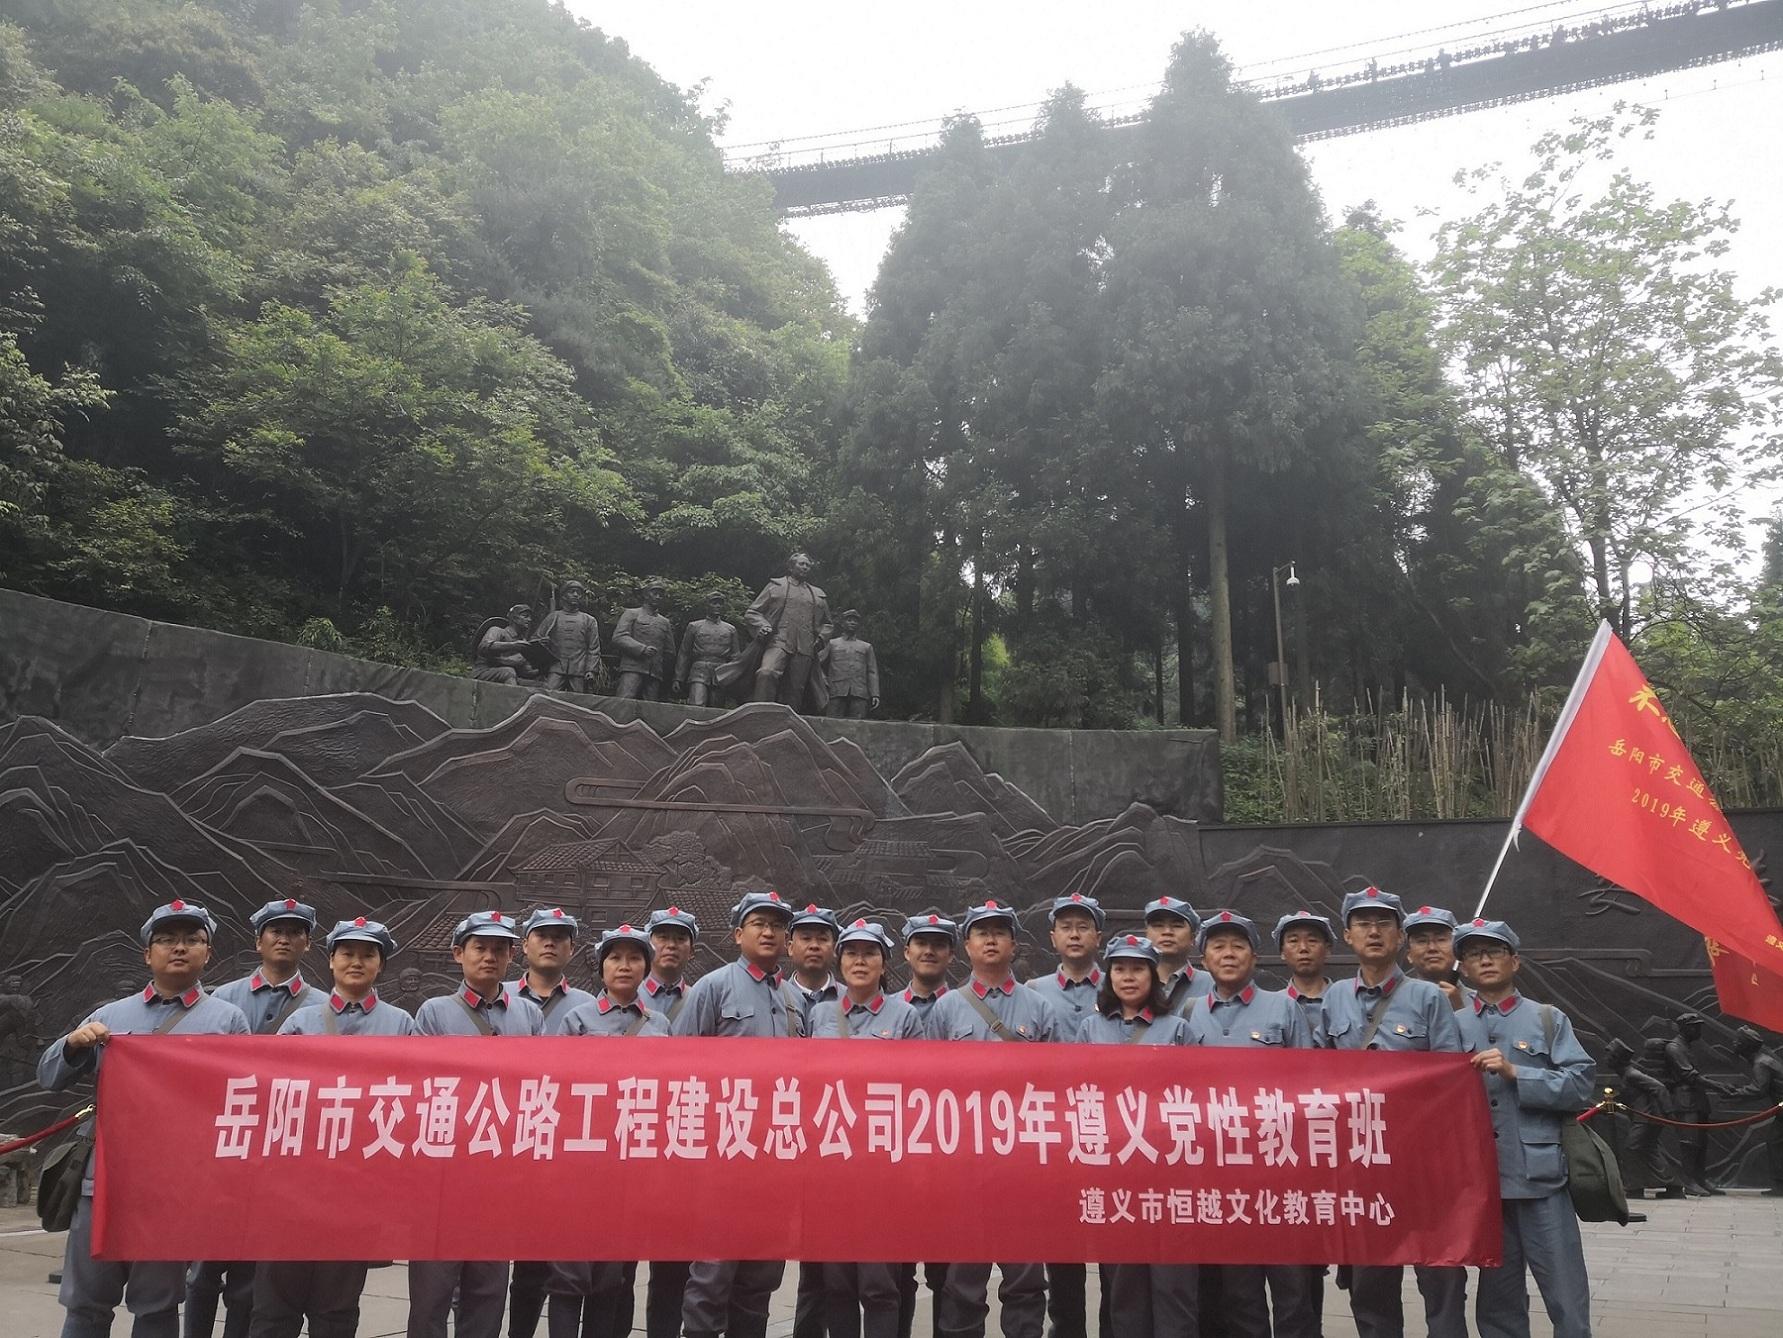 湖南省岳阳市交通公路建设总公司2019遵义党性教育班